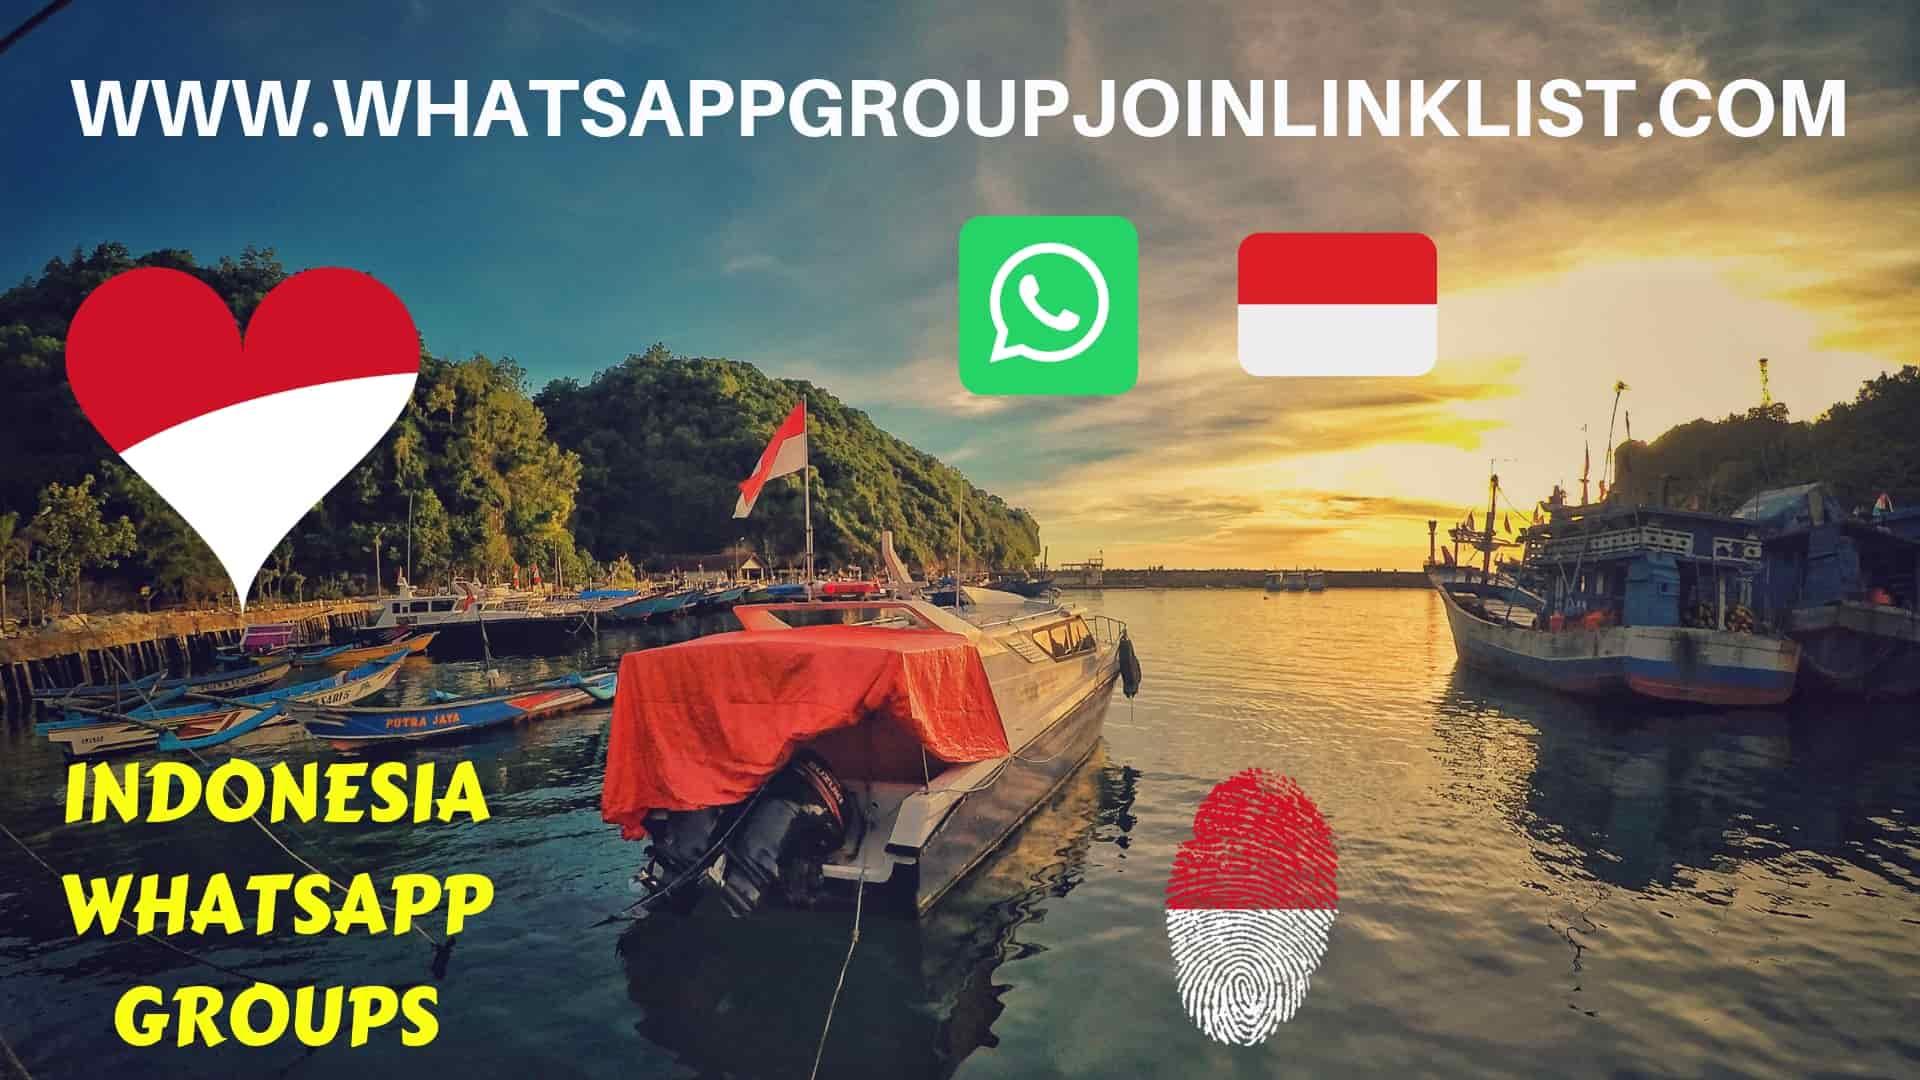 3819215642?profile=original